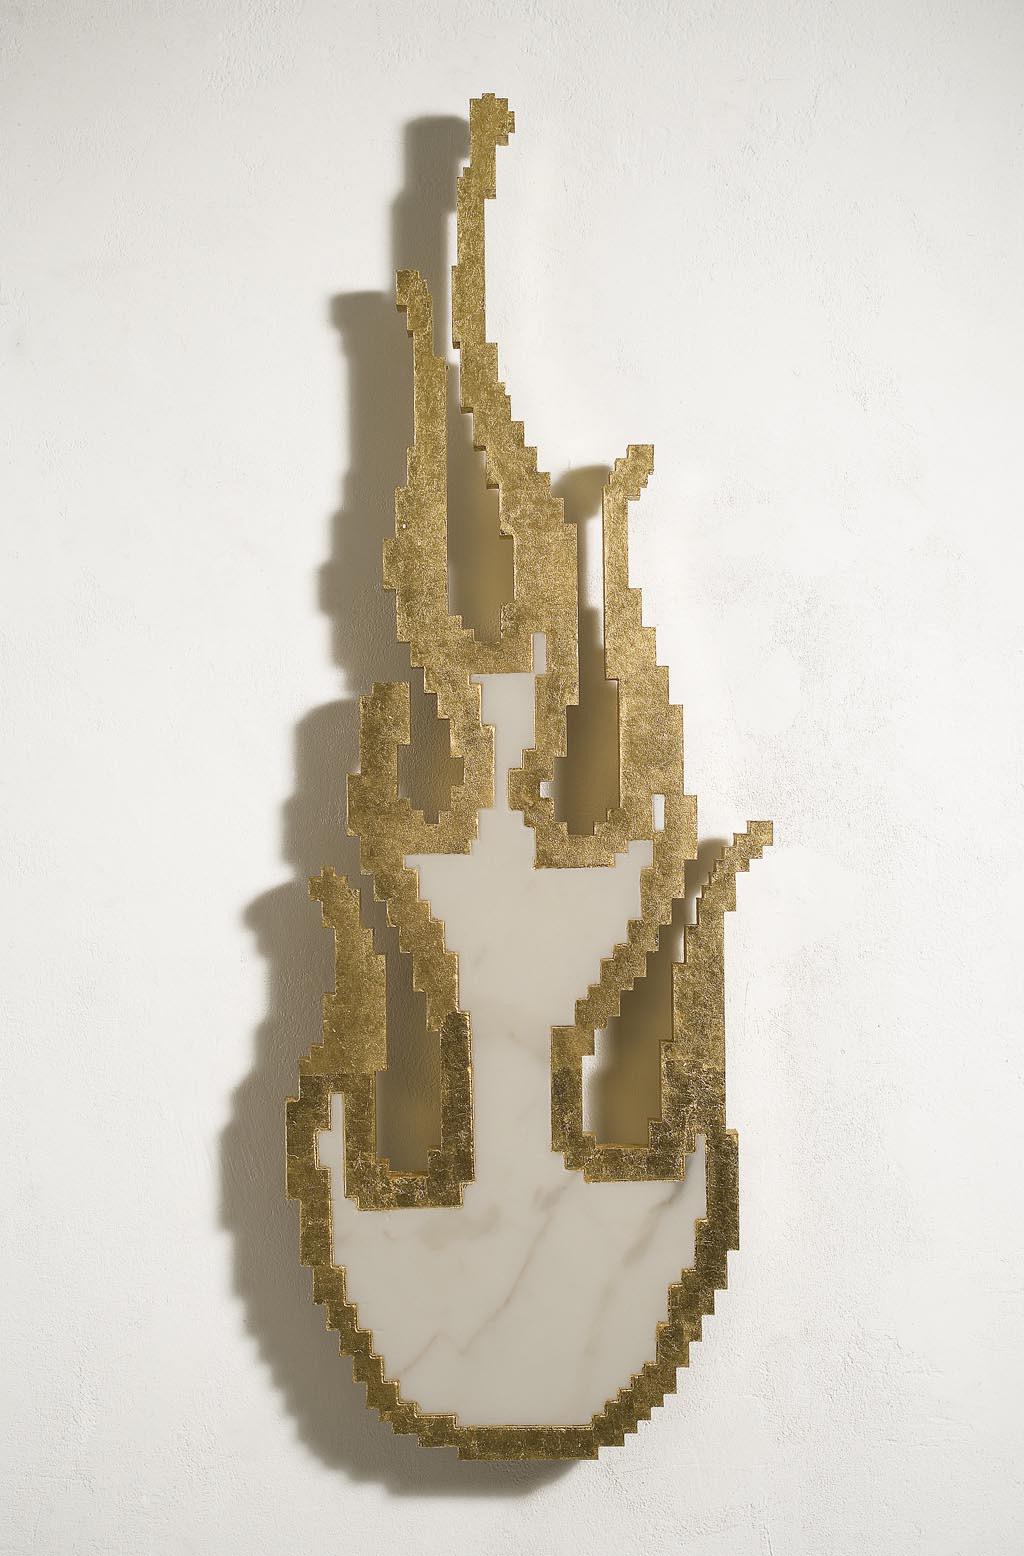 Michele Chiossi SPIRIT, 2007  marmo bianco, foglia d'oro scultura zigzag Harley Davidson fiamma Spirito Santo fuoco Hell's Angels